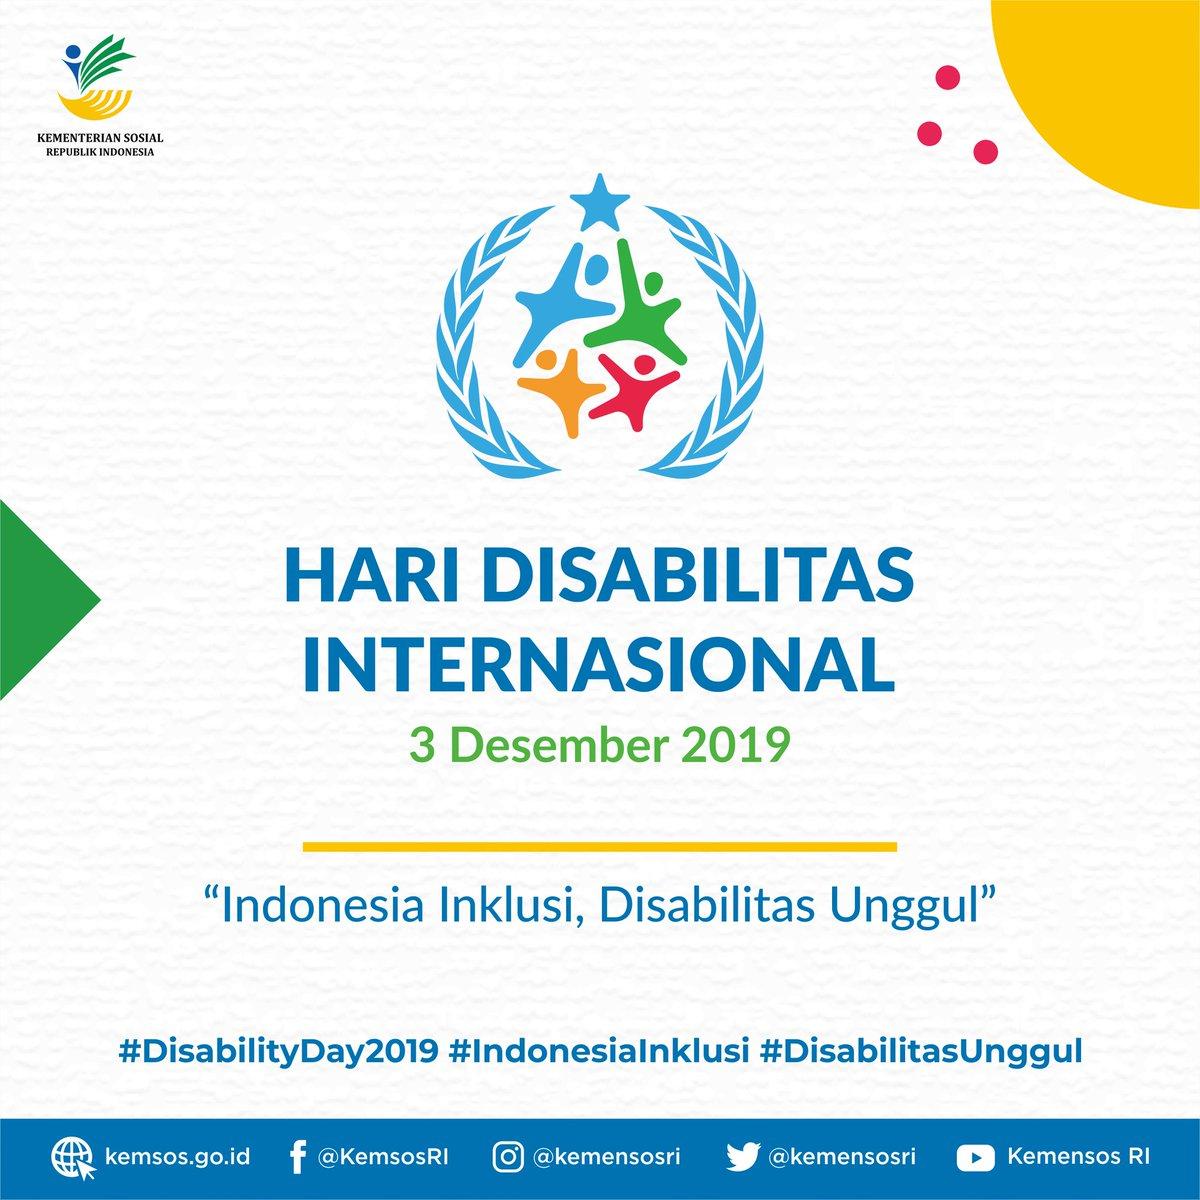 """Hari Disabilitas Internasional (HDI) 2019 mengangkat tema """"Indonesia Inklusi, Disabilitas Unggul"""" dengan sebuah cita-cita besar Indonesia yang benar-benar inklusif, setara semua pihak, semua golongan, termasuk penyandang disabilitas"""